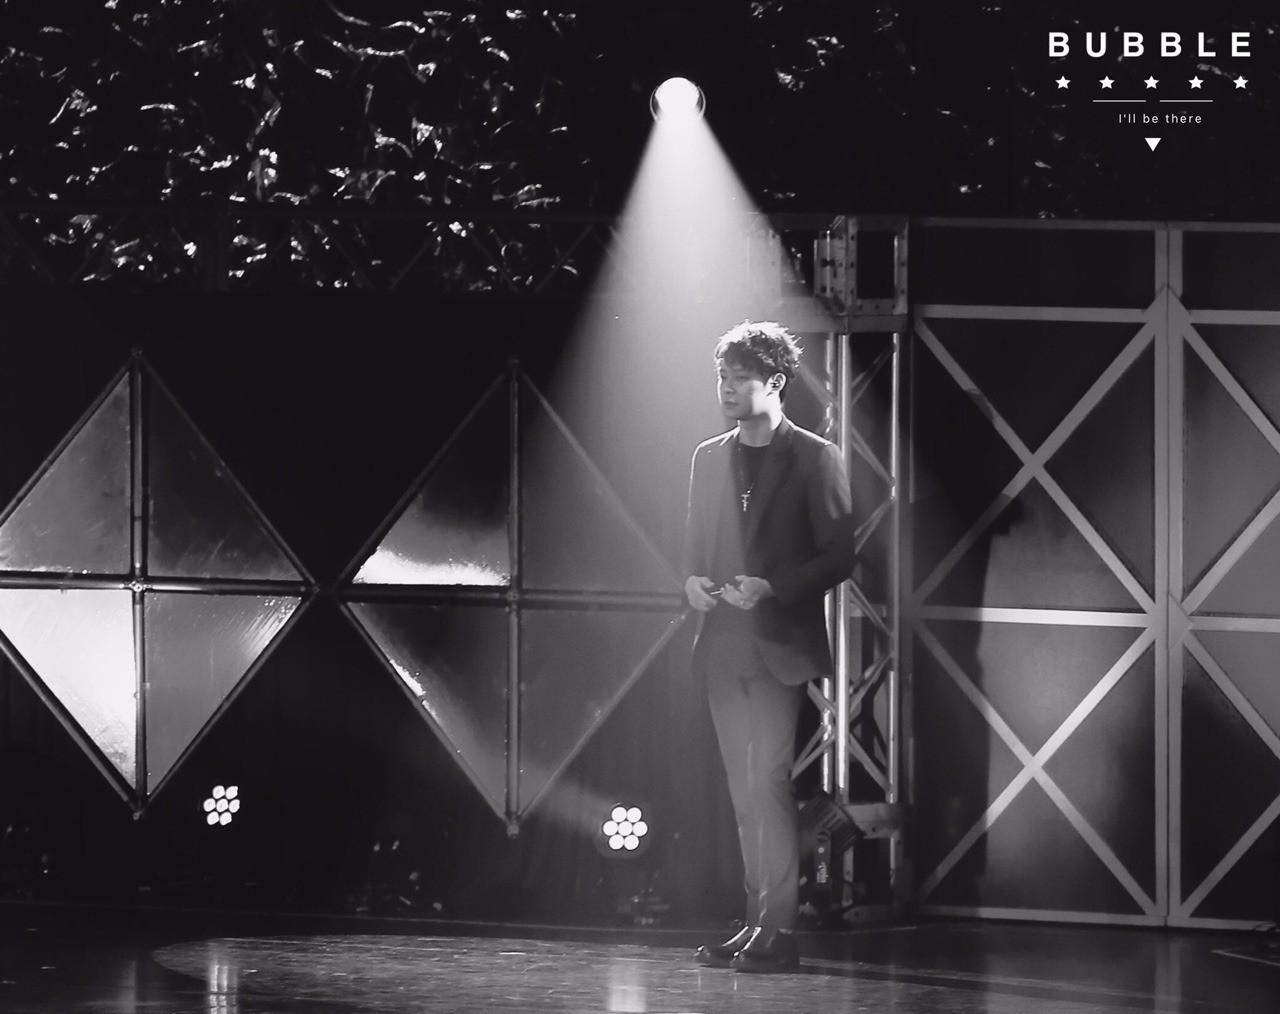 Hậu scandal, Yoochun rưng rưng, hát tặng hàng nghìn fan trong ngày comeback - Ảnh 3.